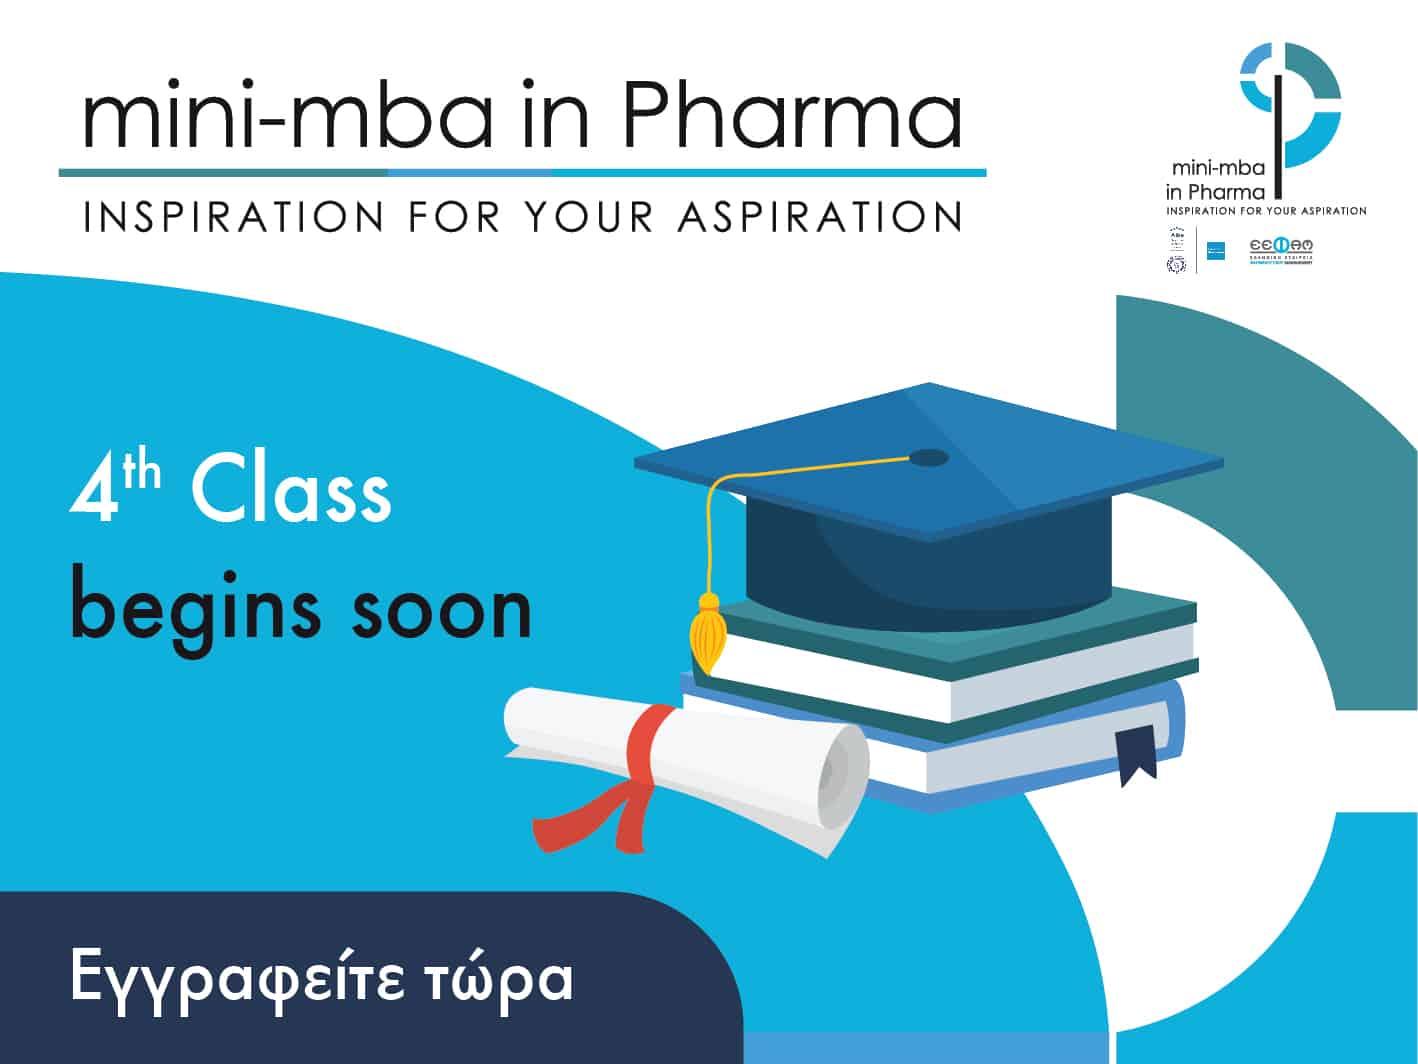 4th class 'mini mba in Pharma'